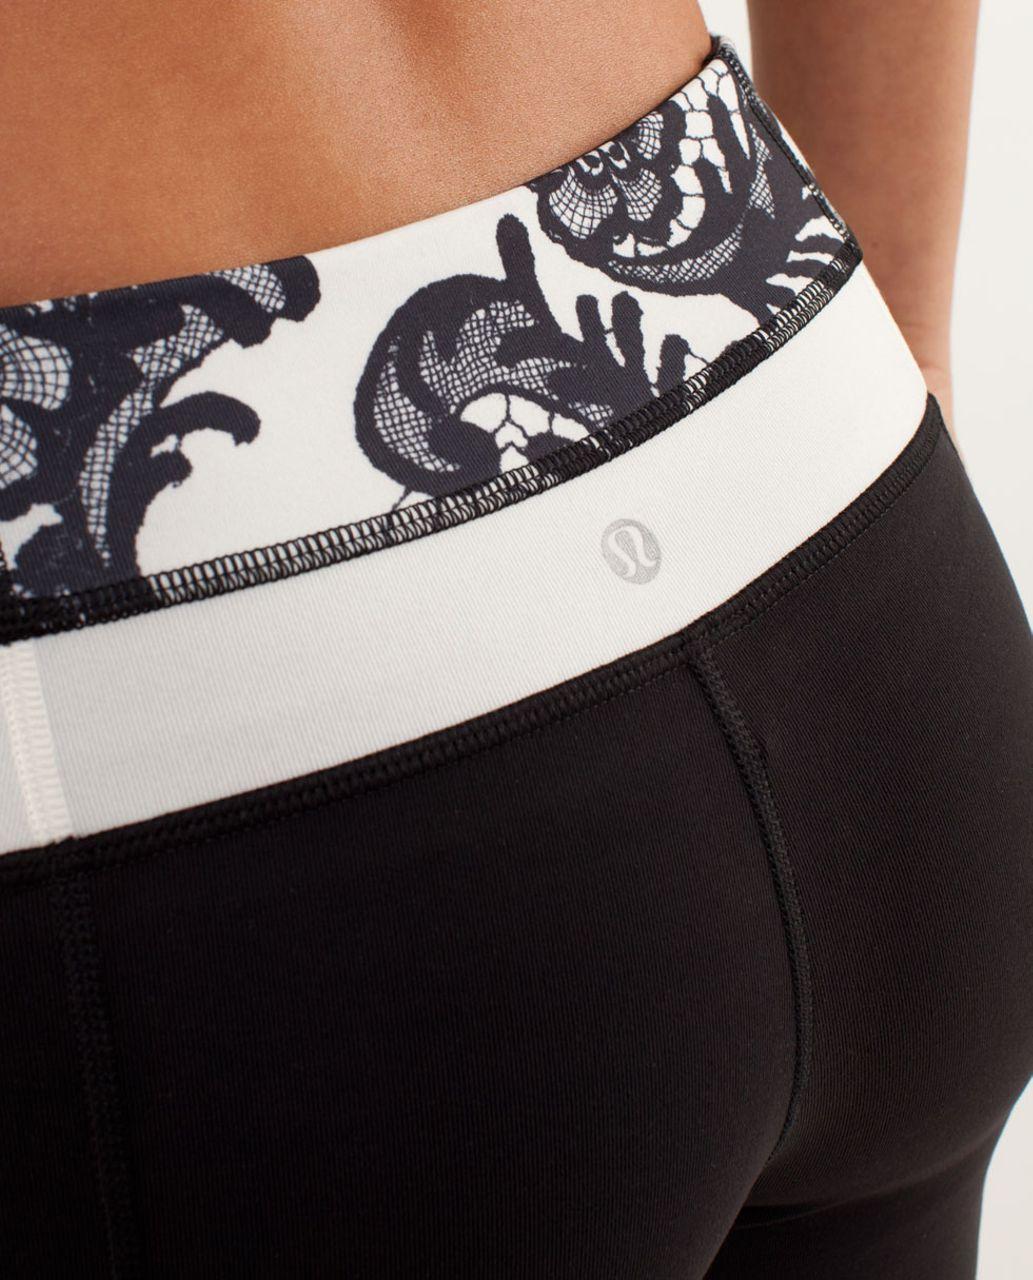 Lululemon Groove Pant *Slim (Tall) - Black / Laceoflage Polar Cream Black / Polar Cream